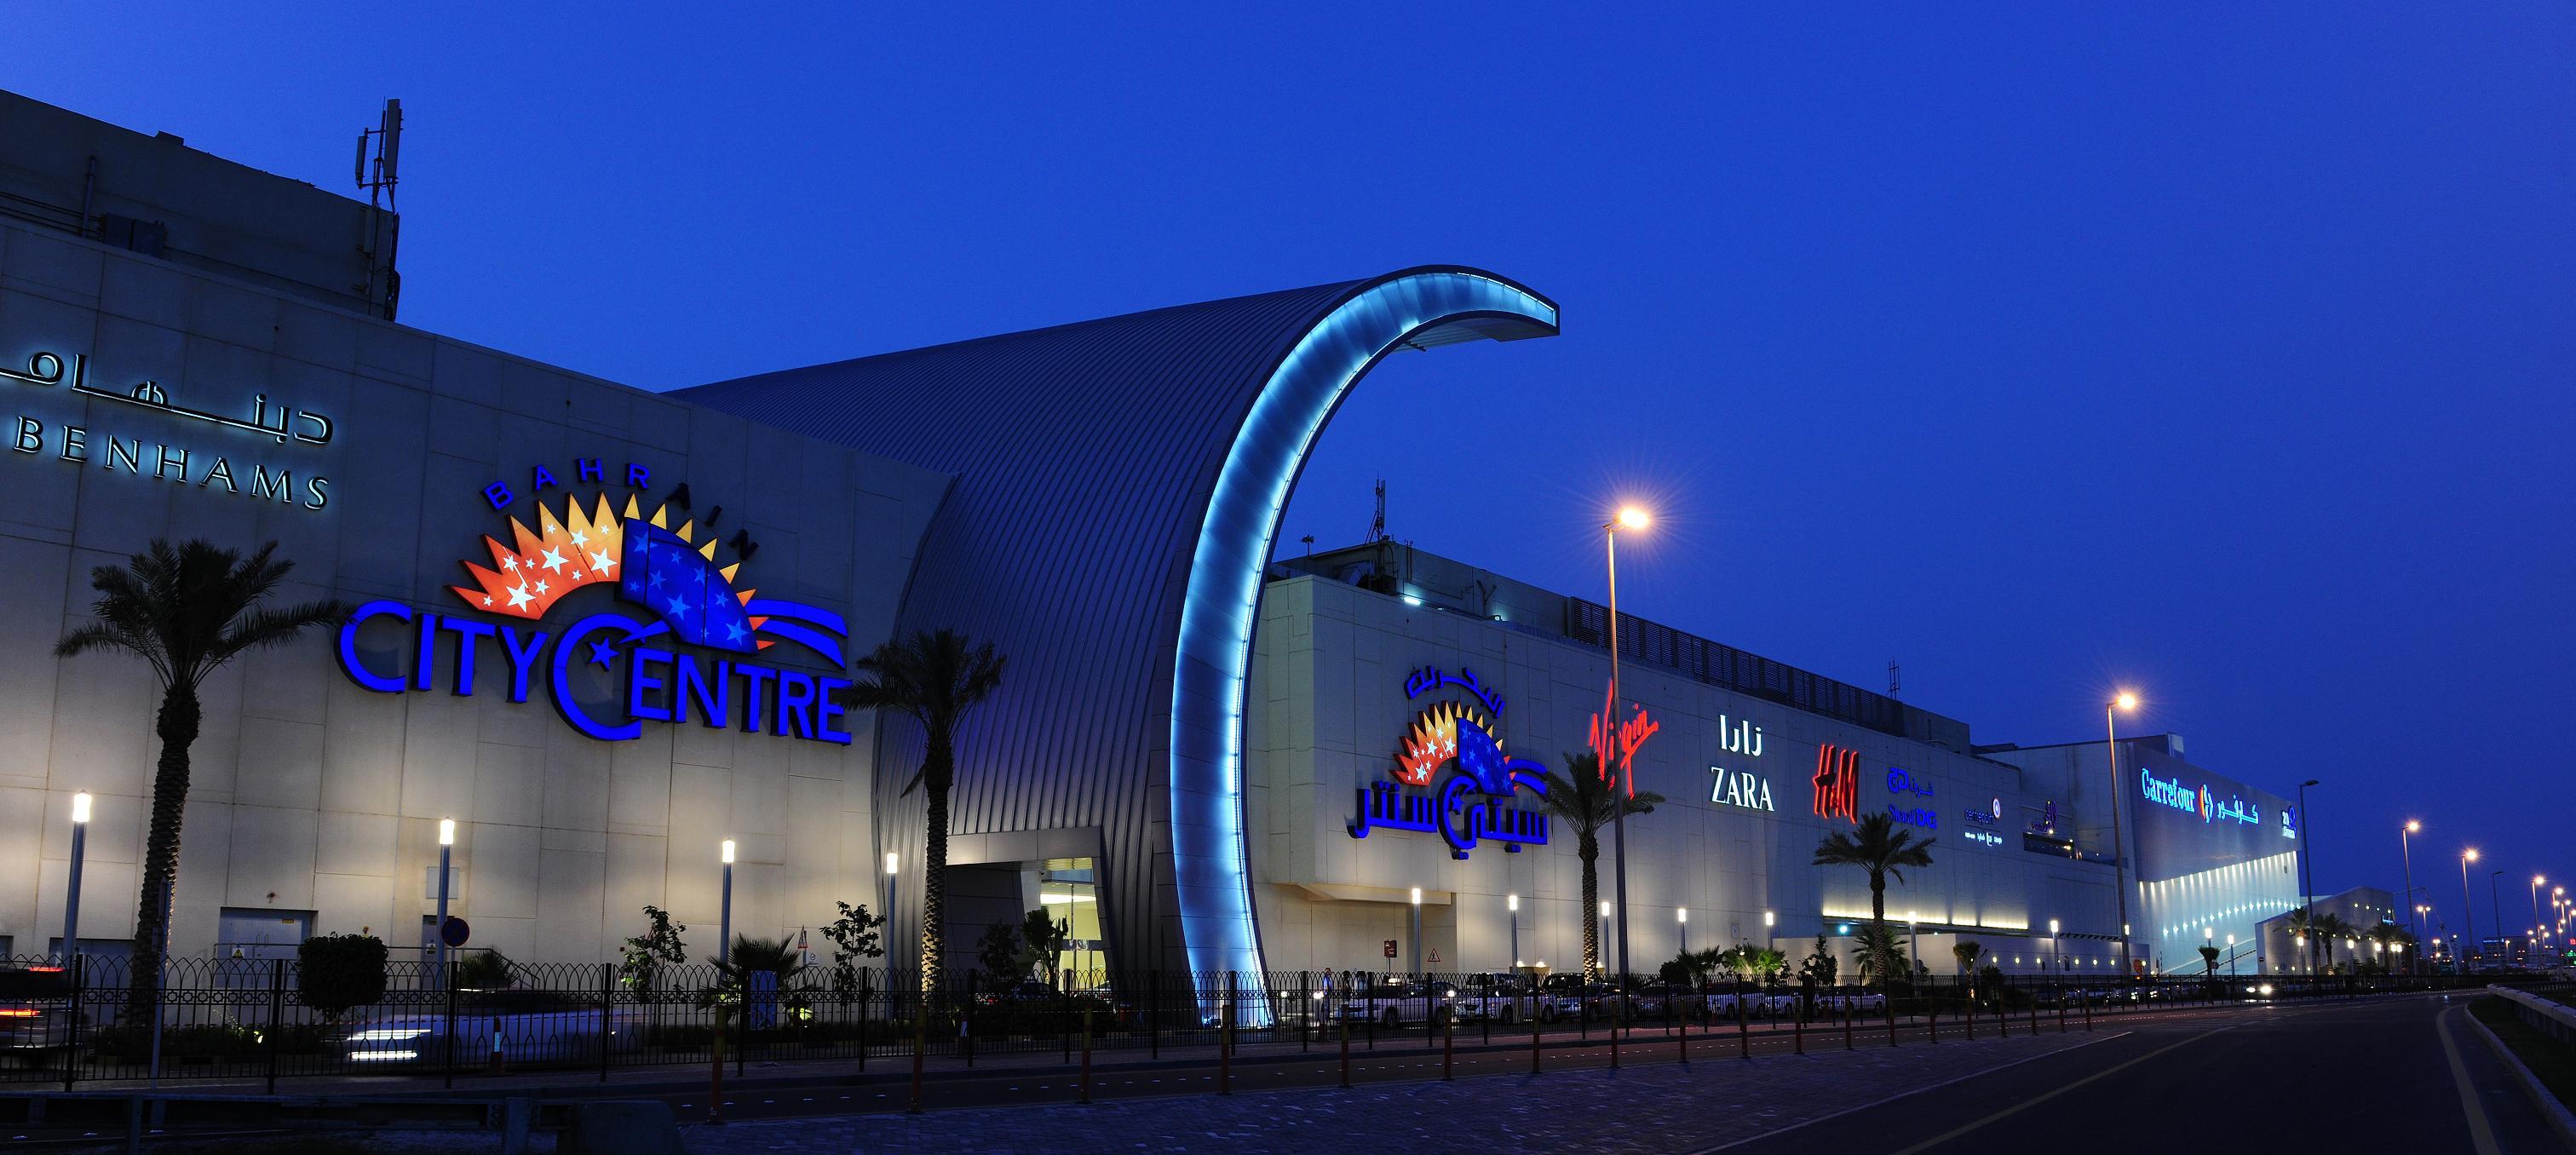 City Center Mall Manama